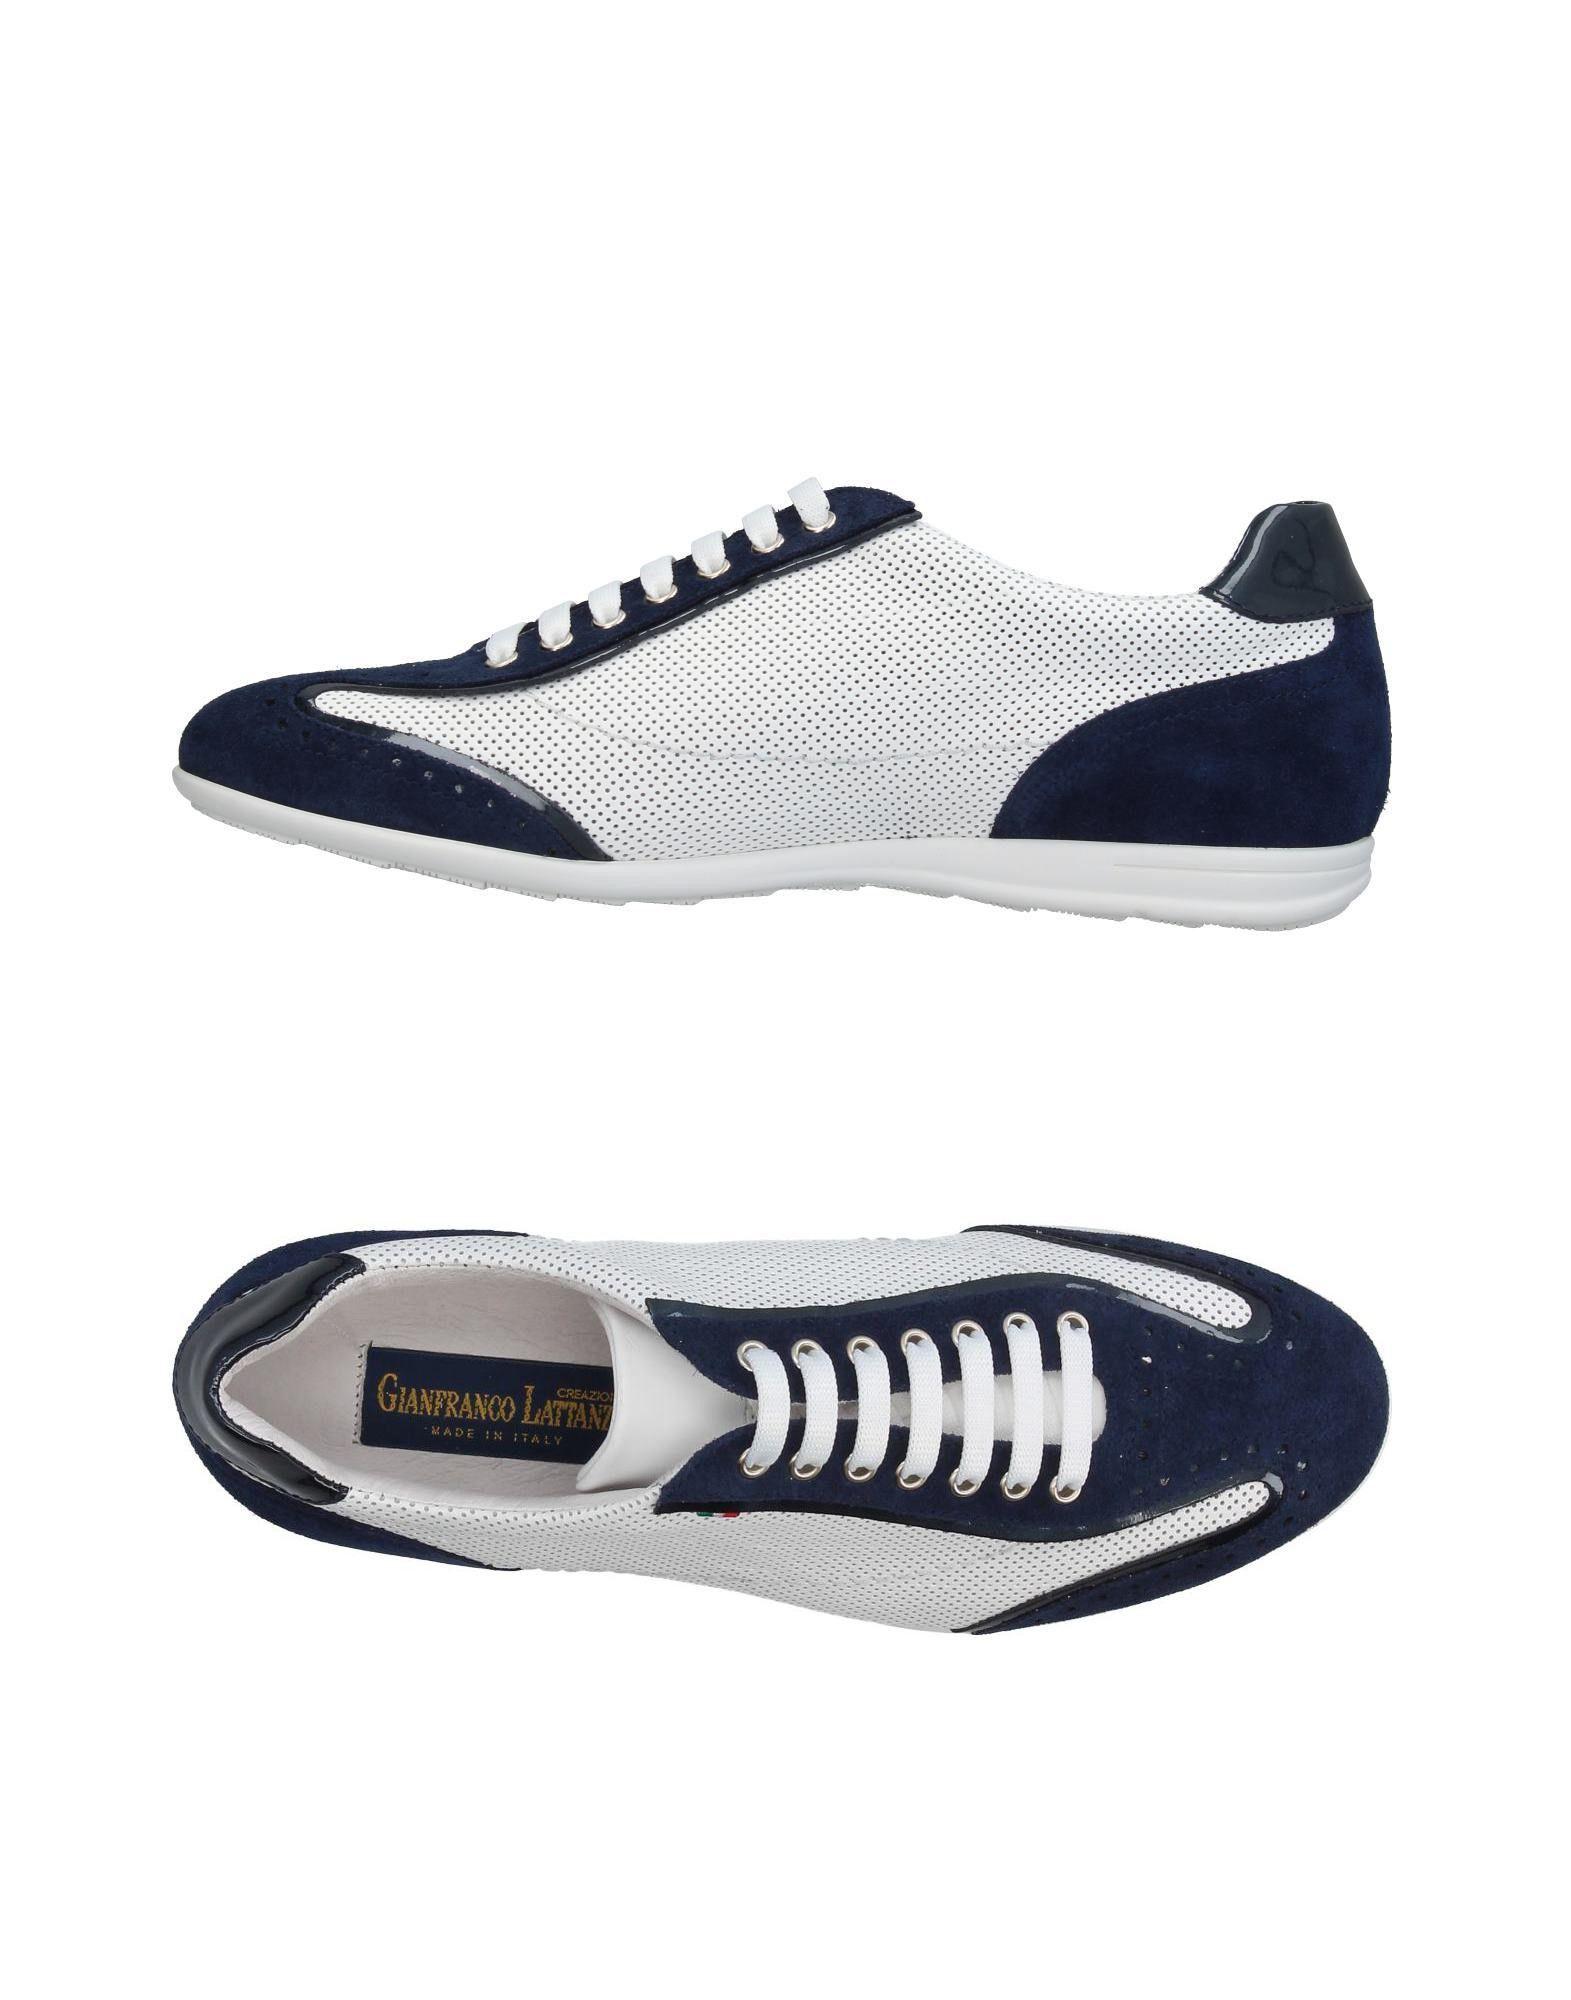 Sneakers Gianfranco Lattanzi Homme - Sneakers Gianfranco Lattanzi  Blanc Nouvelles chaussures pour hommes et femmes, remise limitée dans le temps